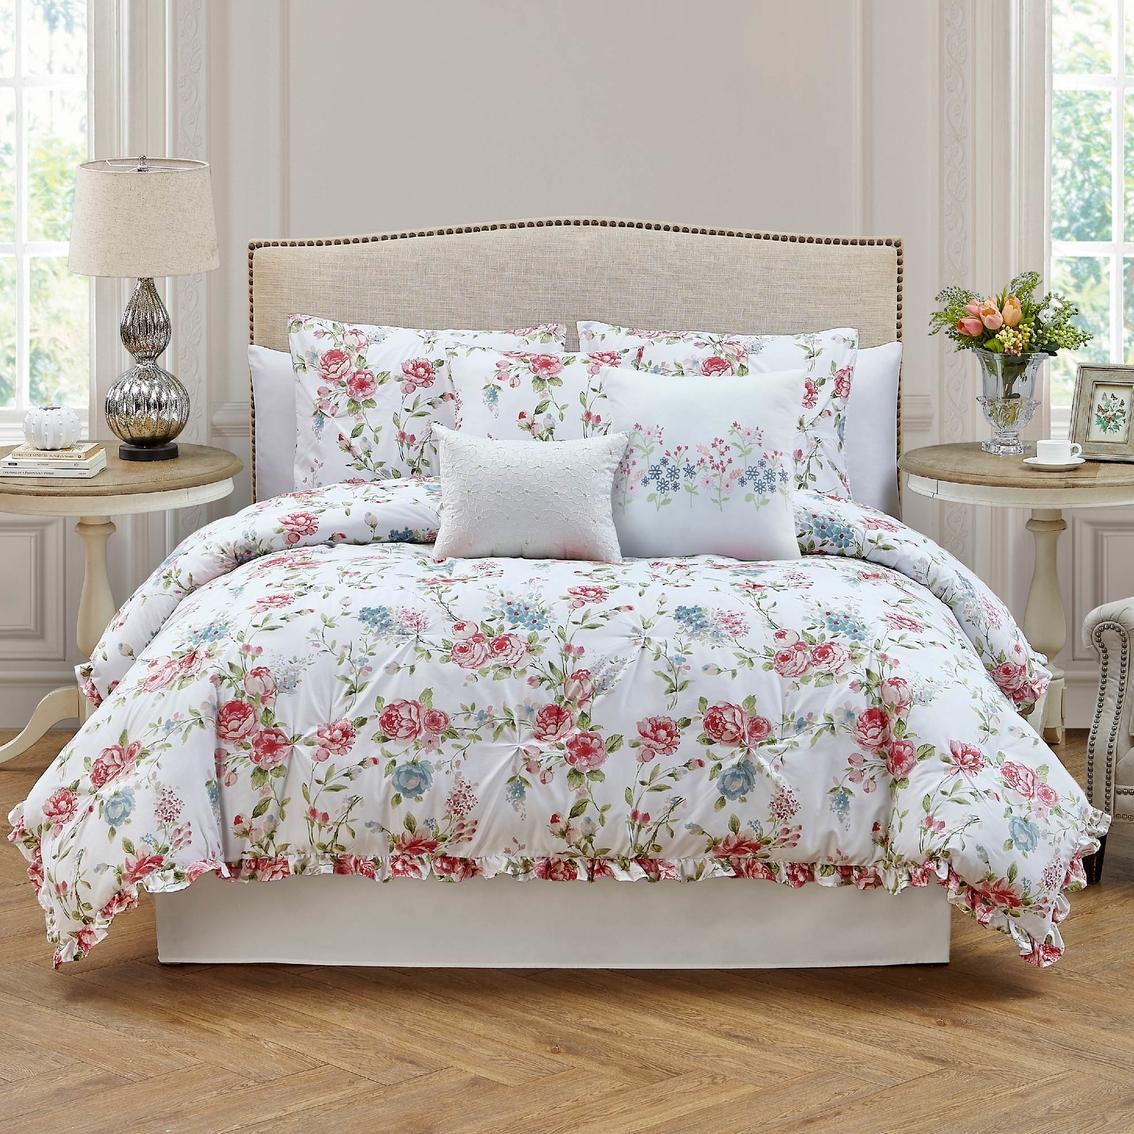 Roslyn Bedroom Furniture Set: Roslyn 7 Pc. Comforter Set